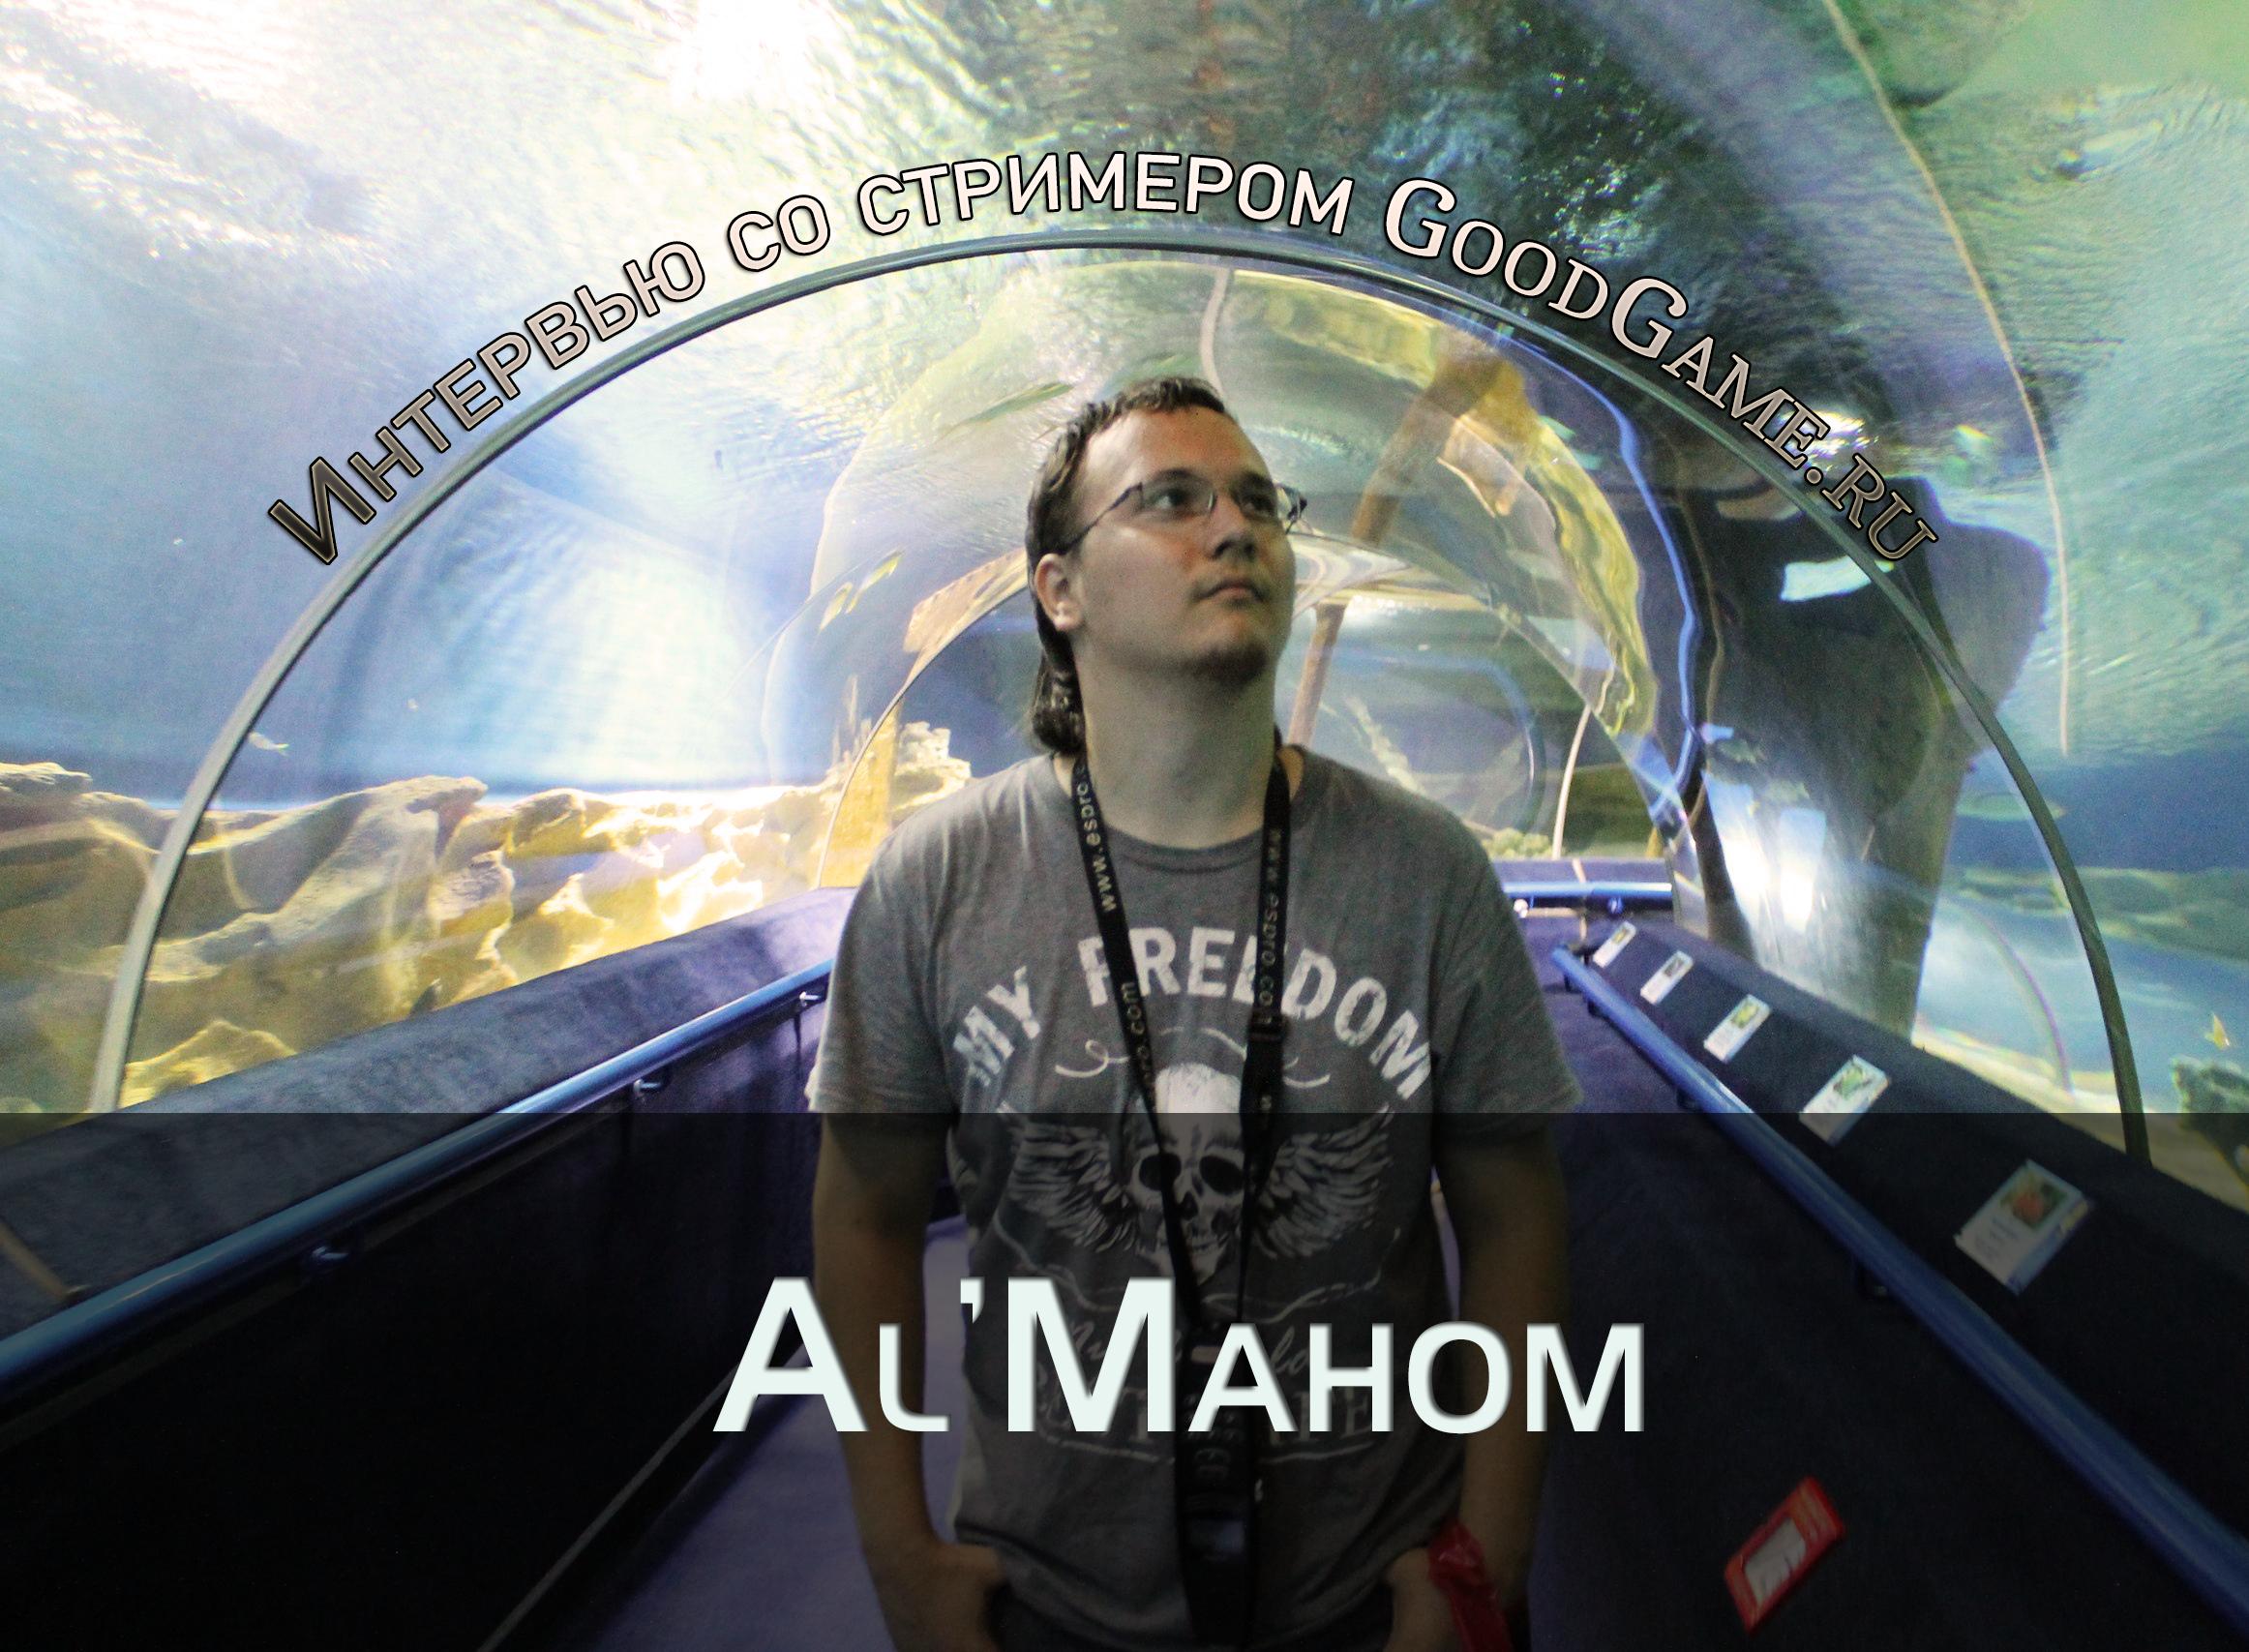 Интервью со стримером Goodgame.ru. AlMahom: